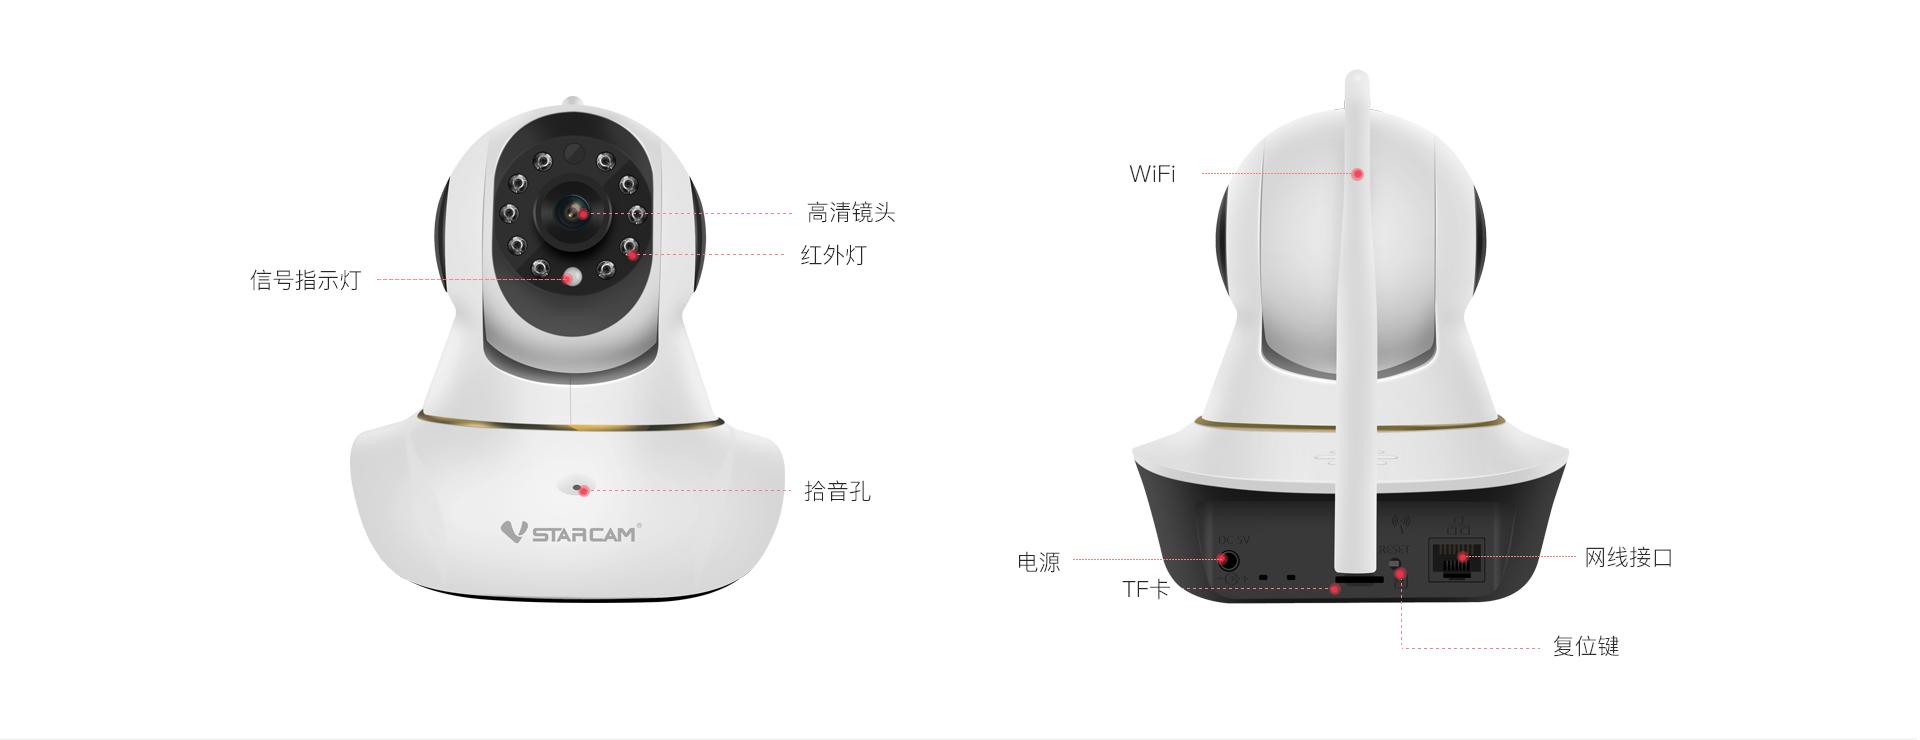 智能网络摄像机